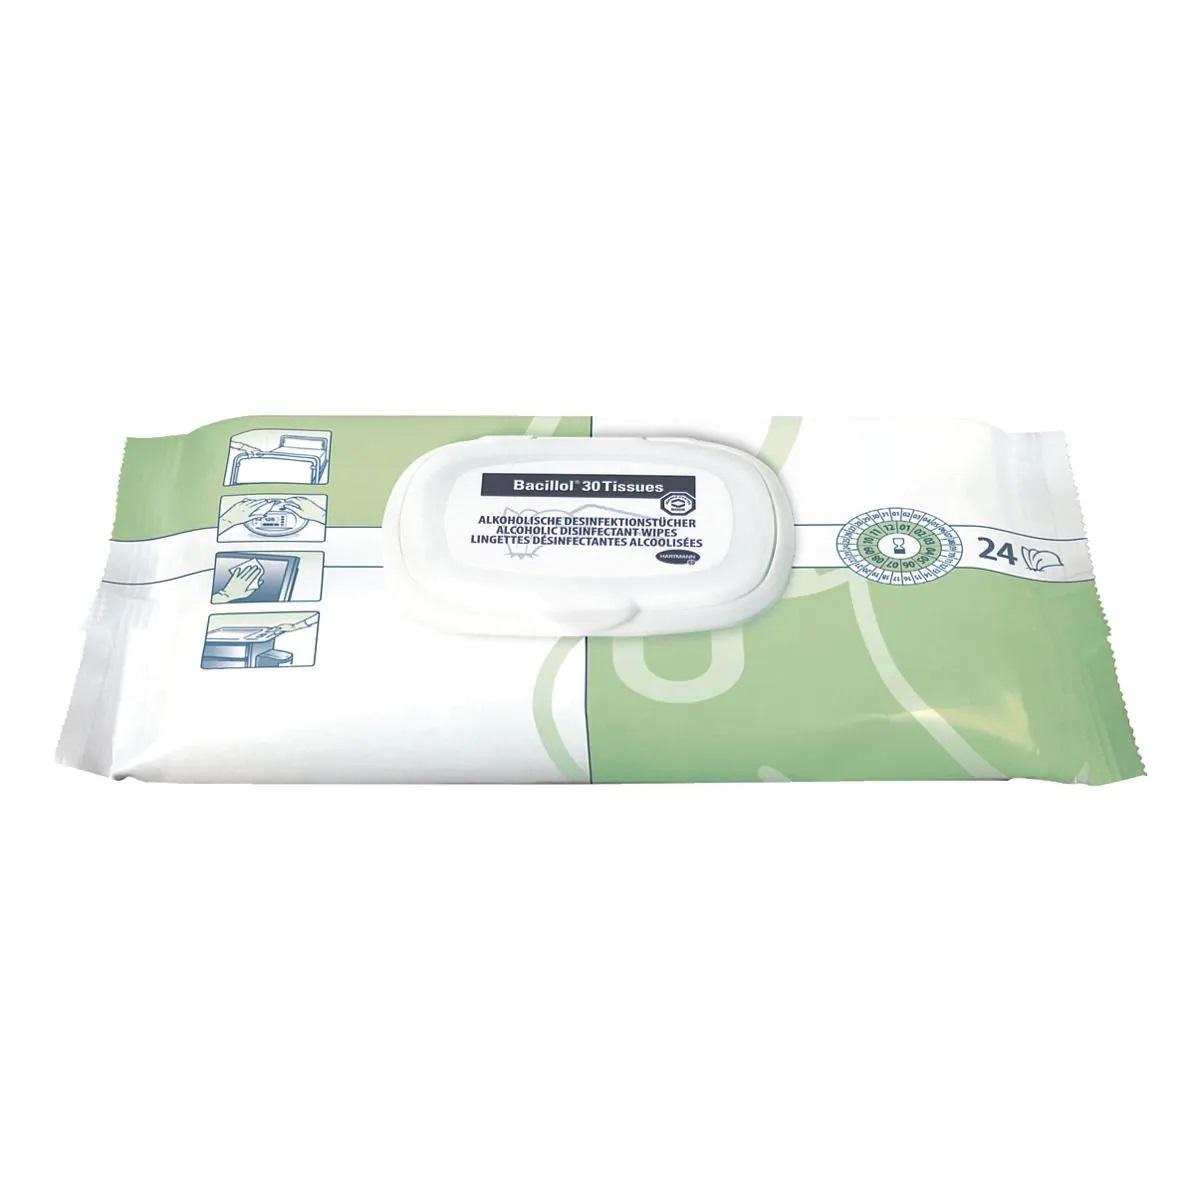 BACILLOL® 30 Tissues Desinfektionstücher (24 Stück)